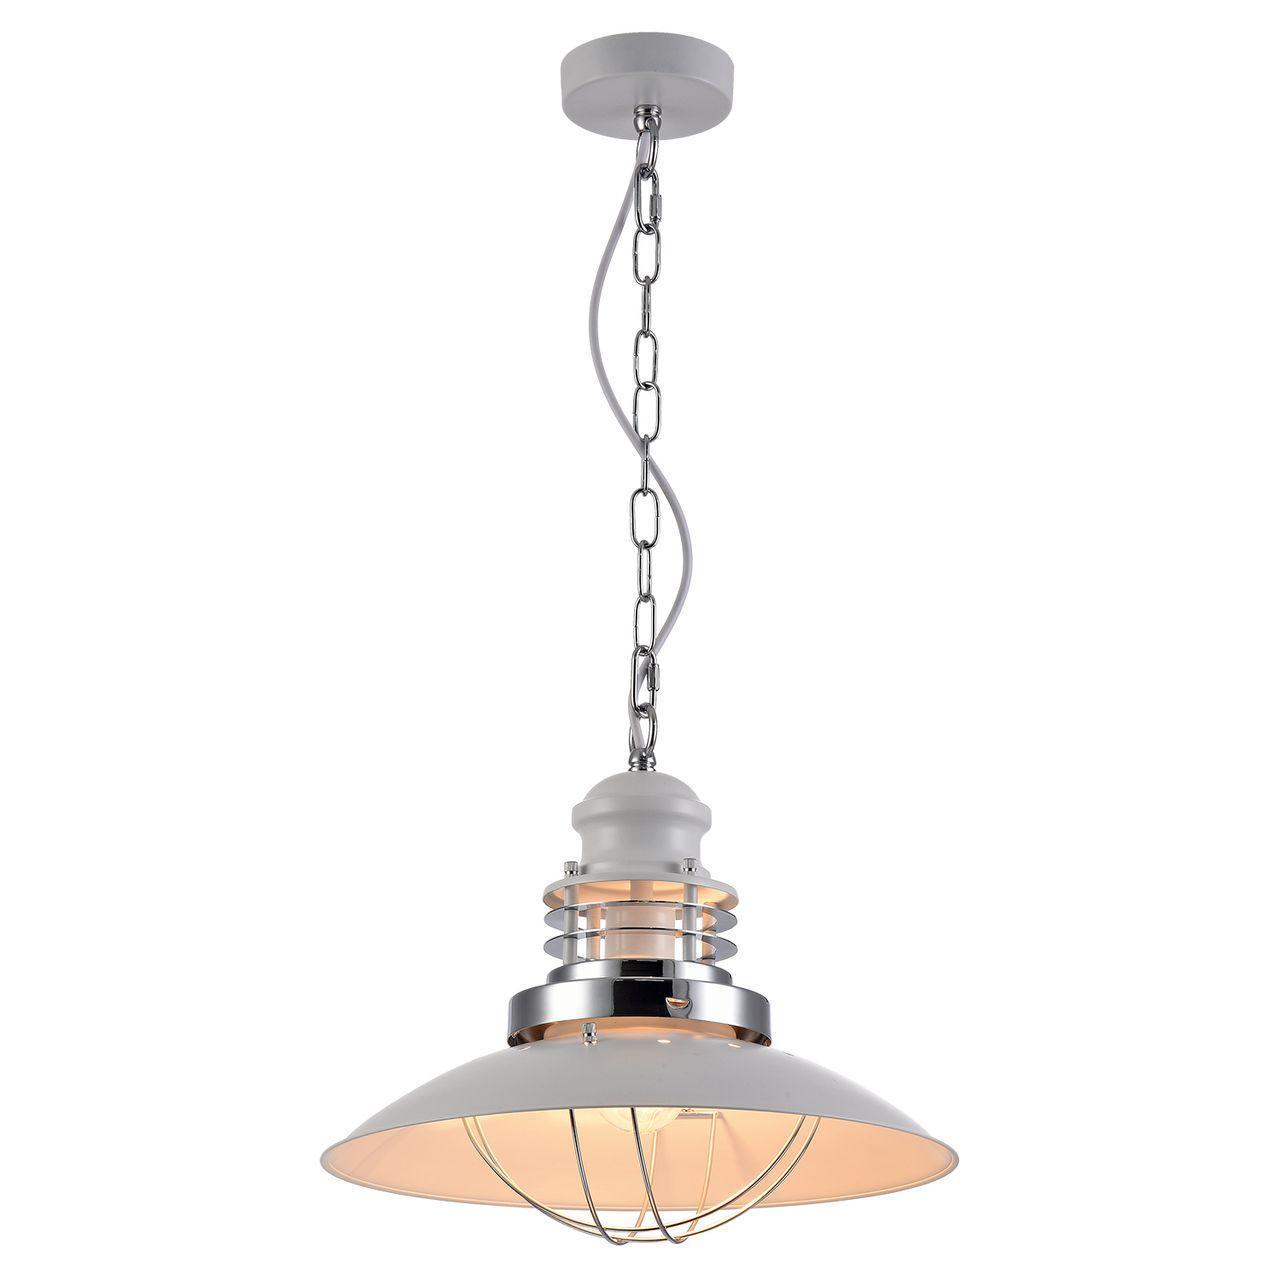 Подвесной светильник Lussole Loft LSP-8030 подвесной светильник lussole loft lsp 8030